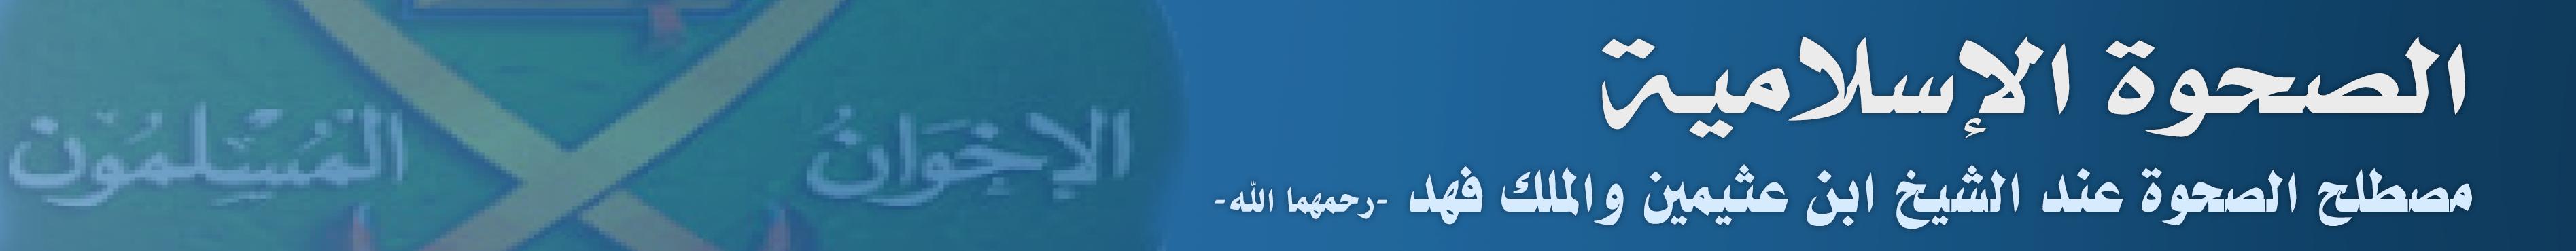 الصحوة - مصطلح الصحوة عند الشيخ ابن عثمين والملك فيهد